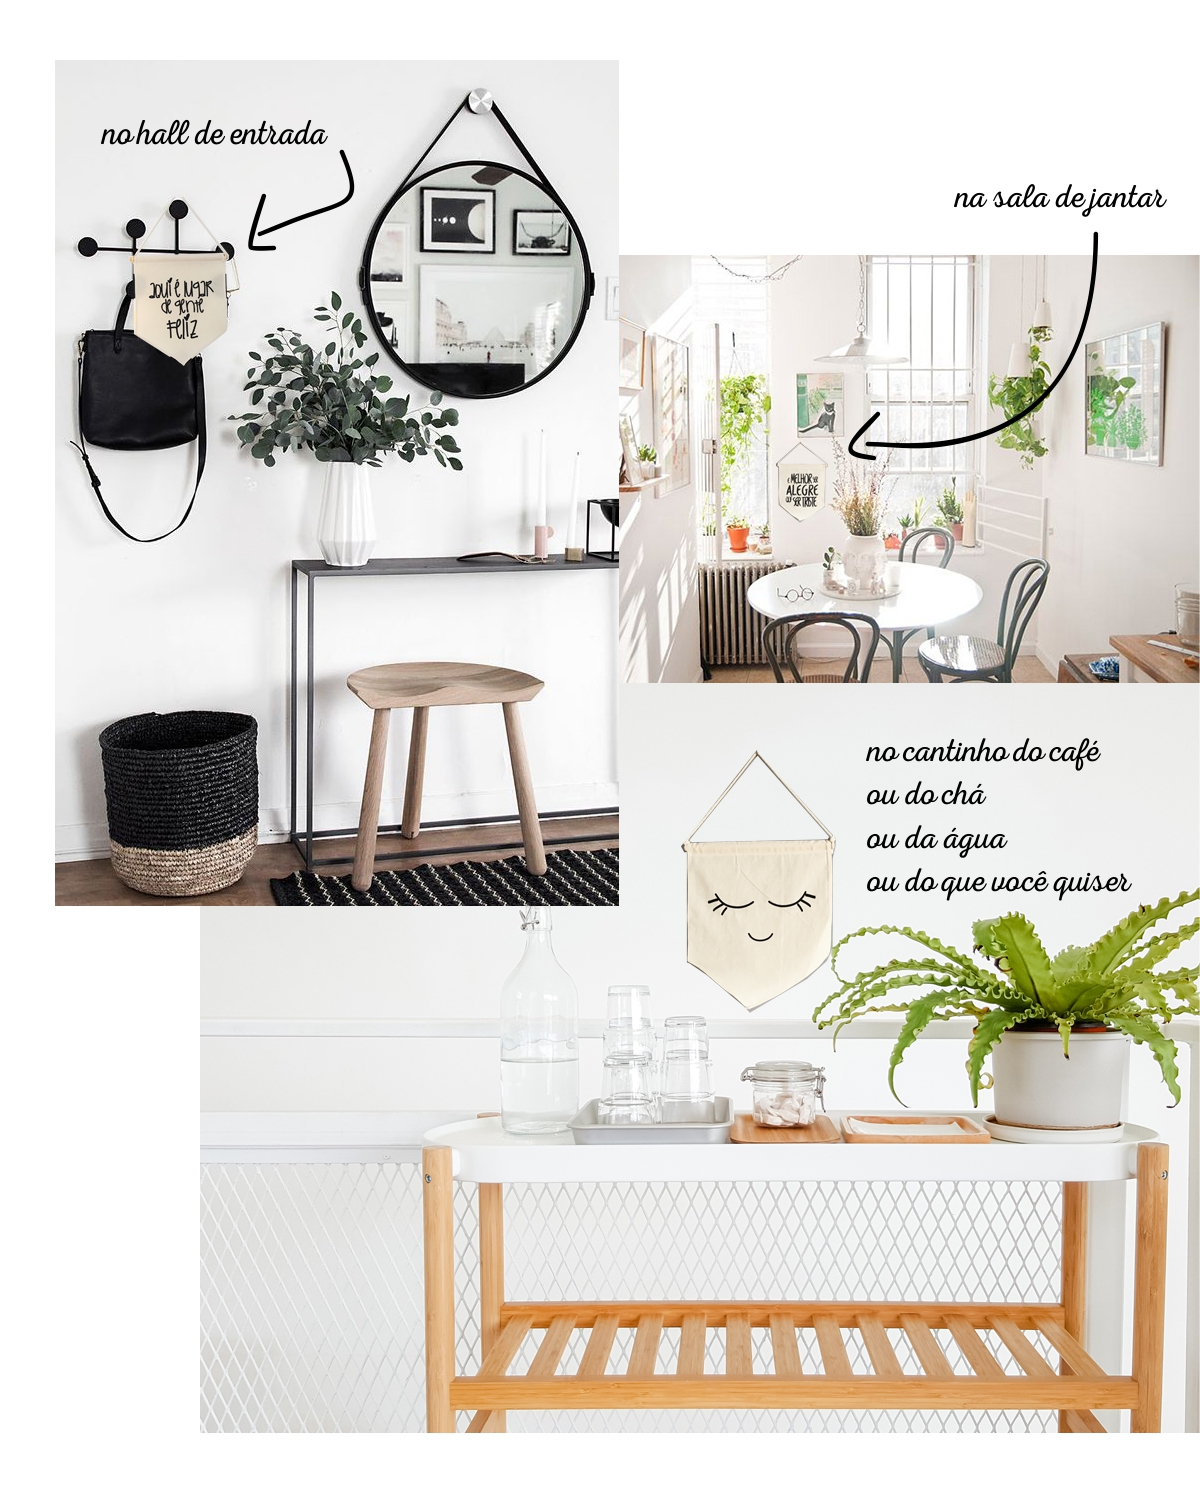 como_decorar_com_flâmulas_naorepete_3